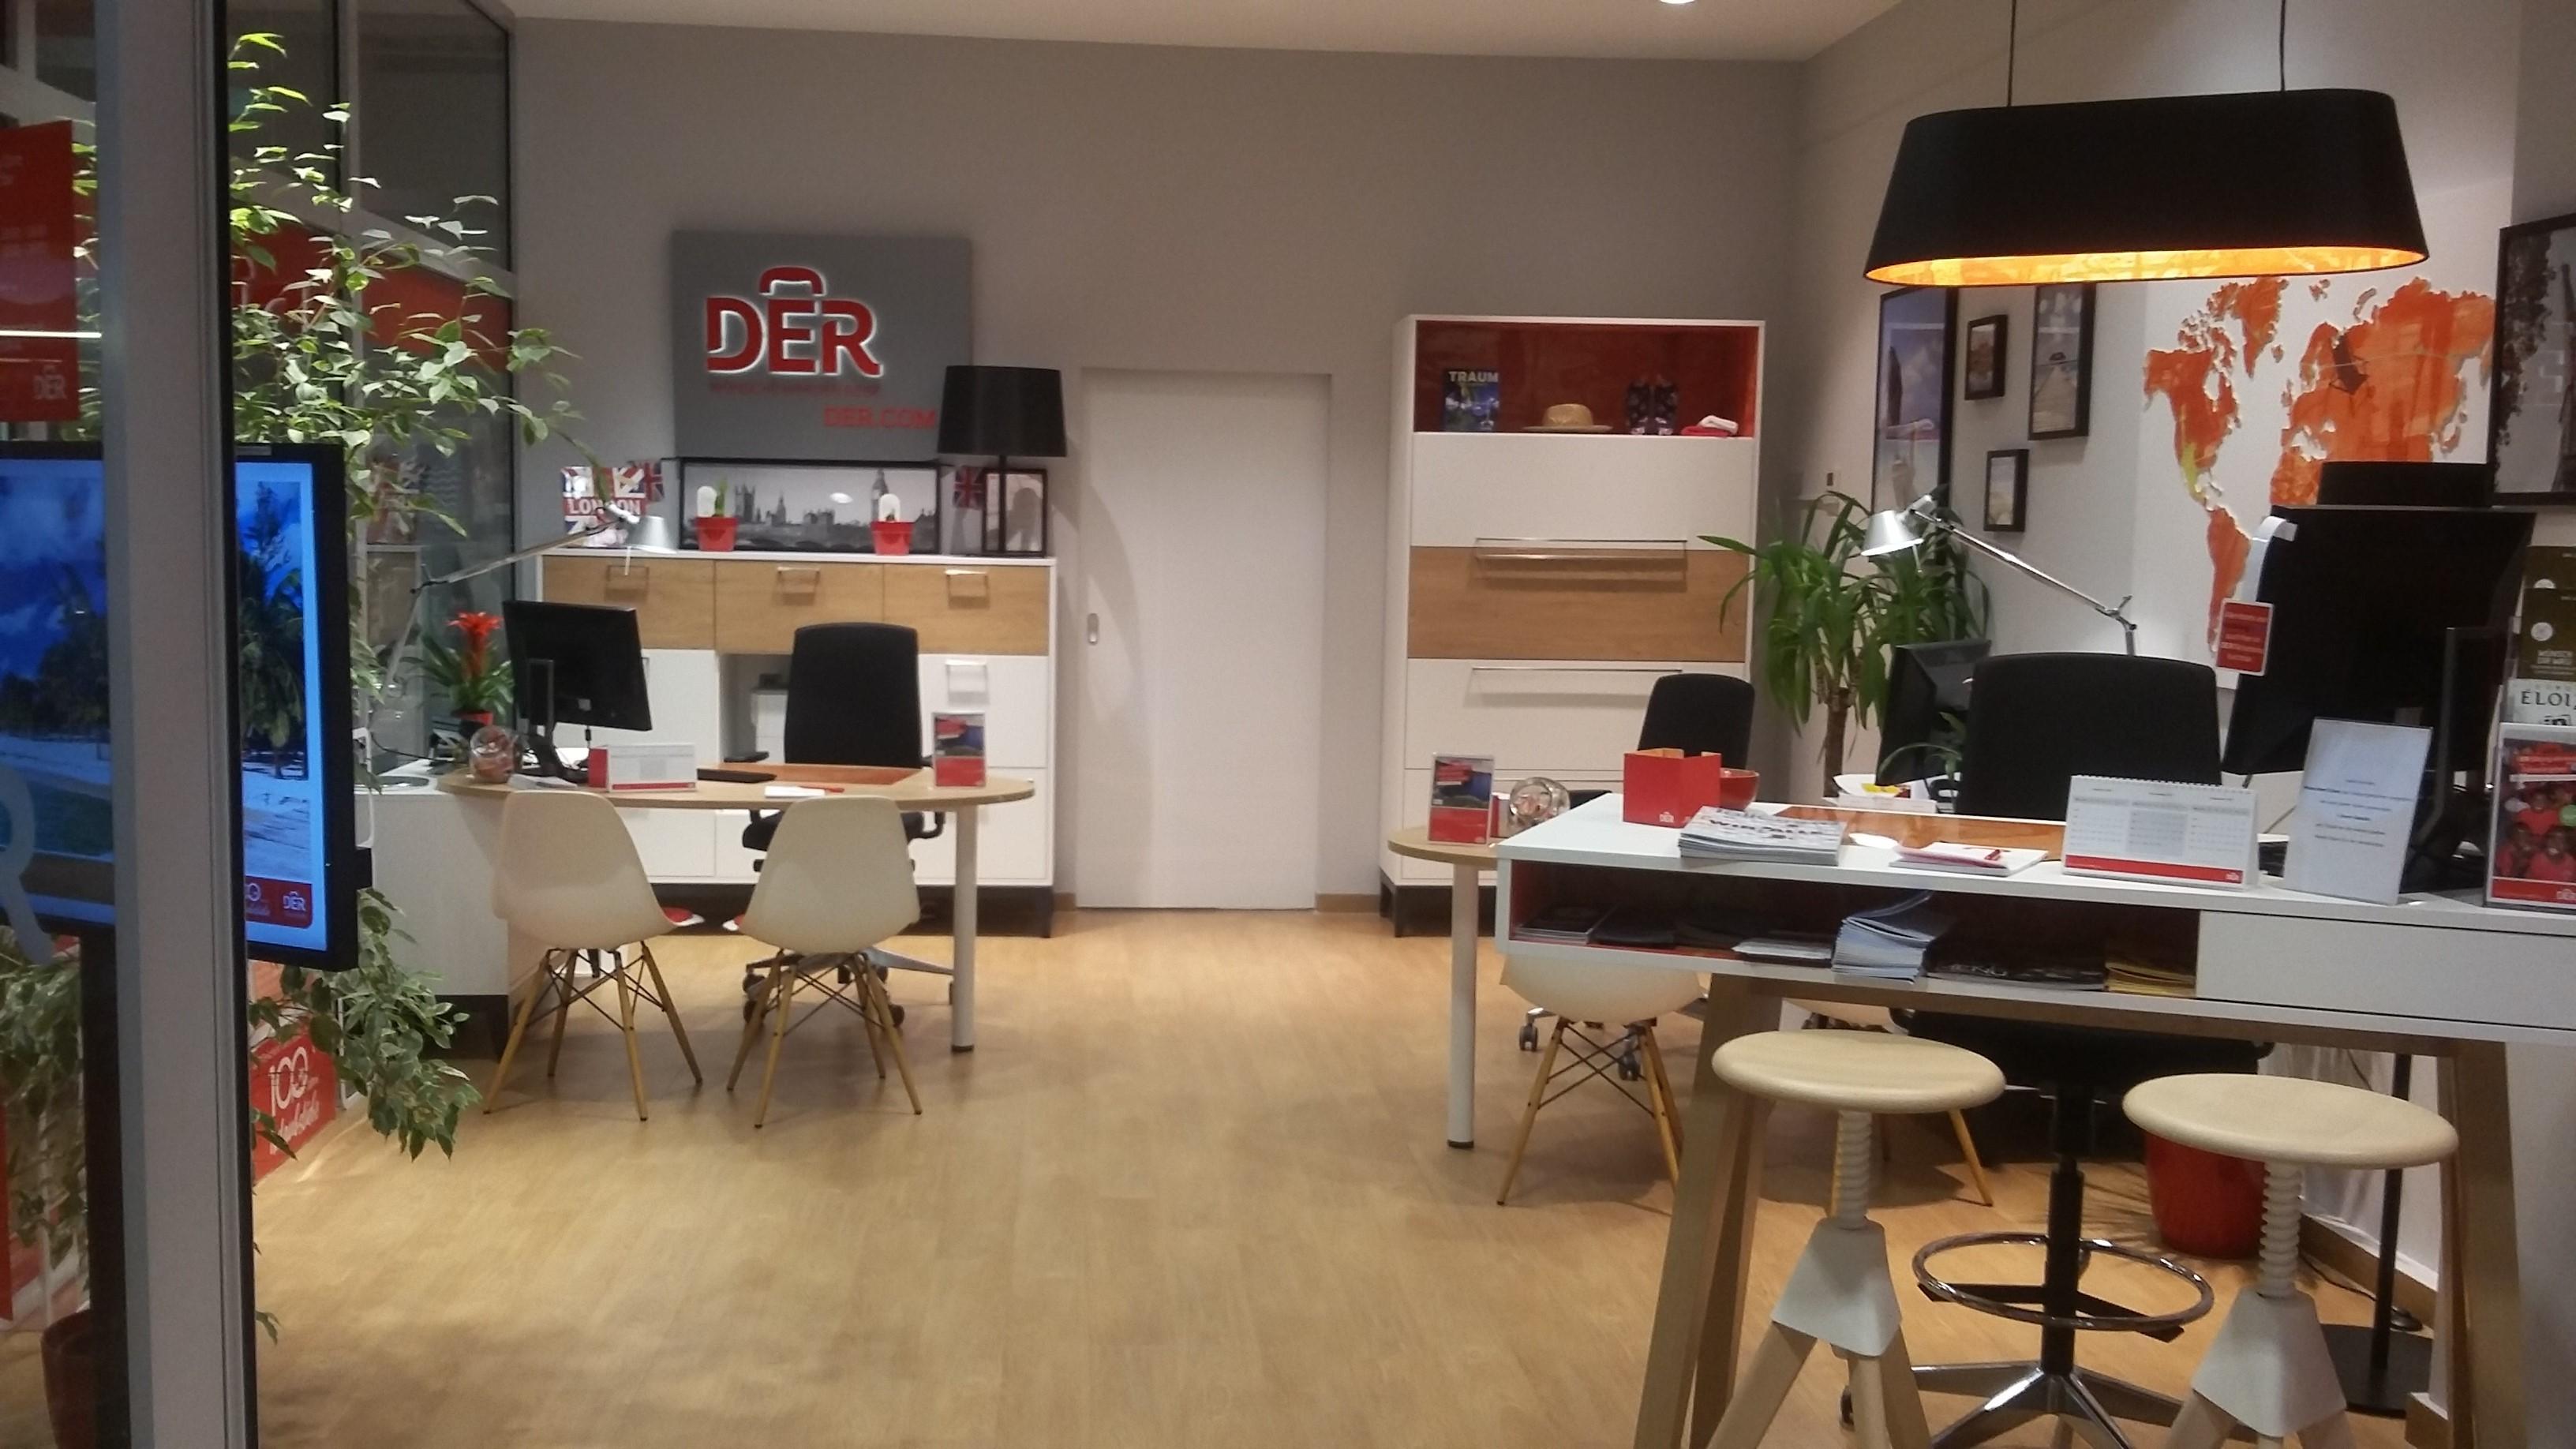 DER Deutsches Reisebüro, Stockacher Straße 10 in München